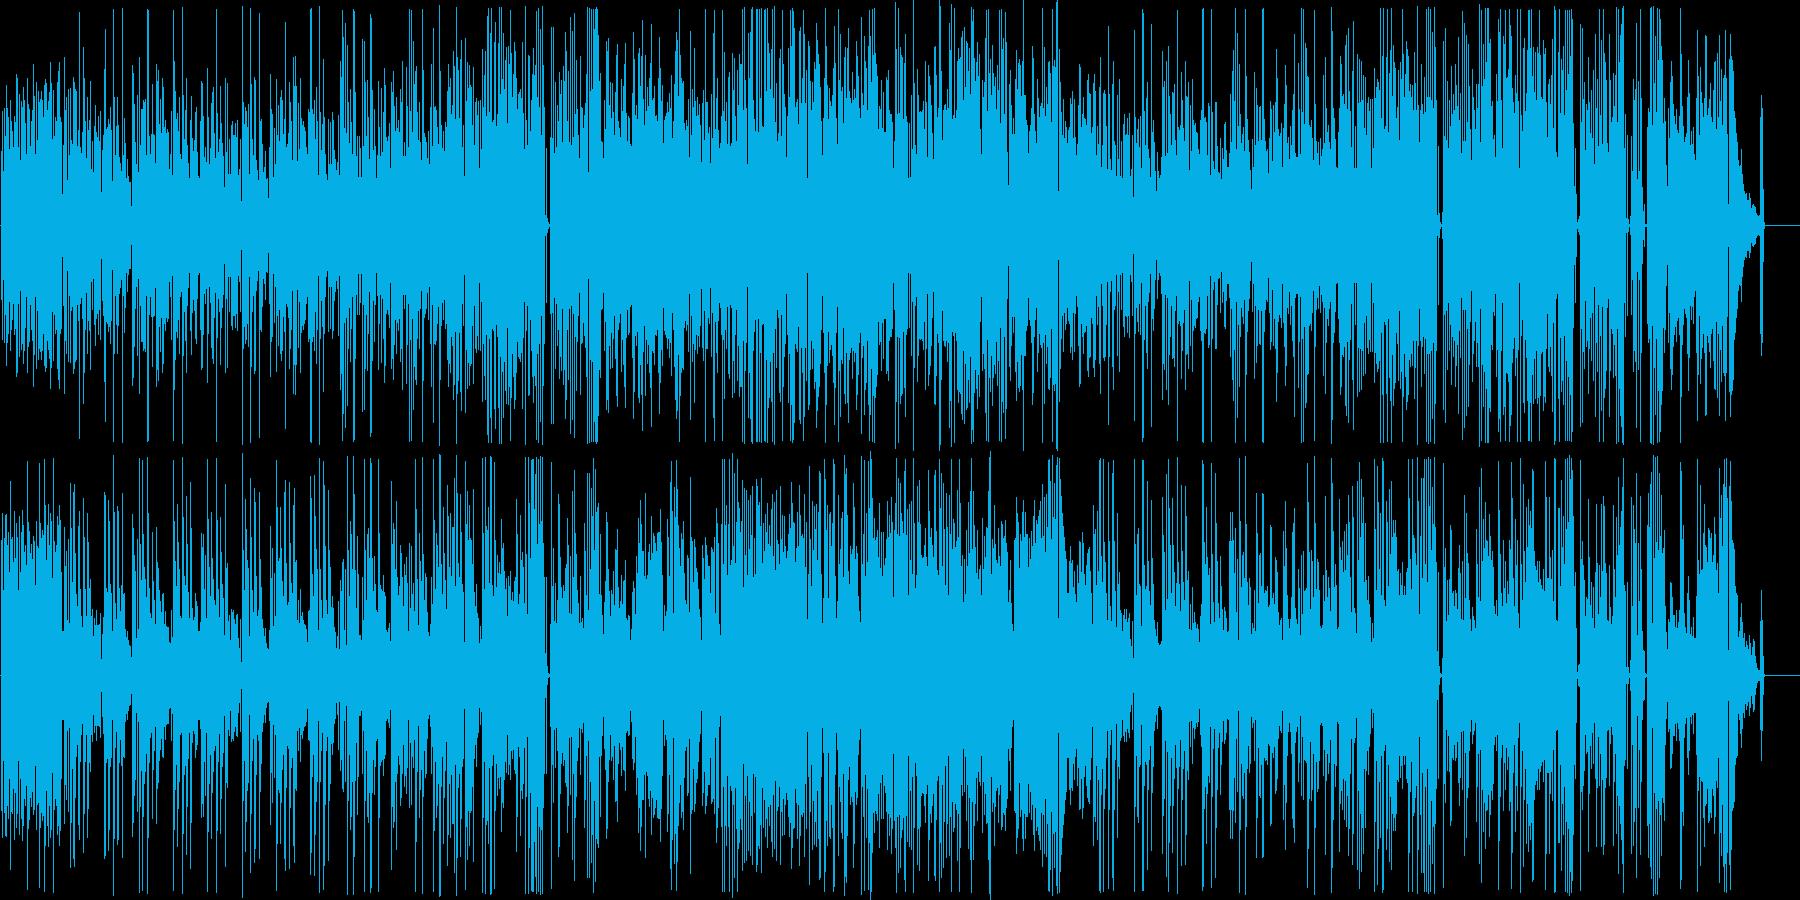 コミカルでかわいいギターインストの再生済みの波形